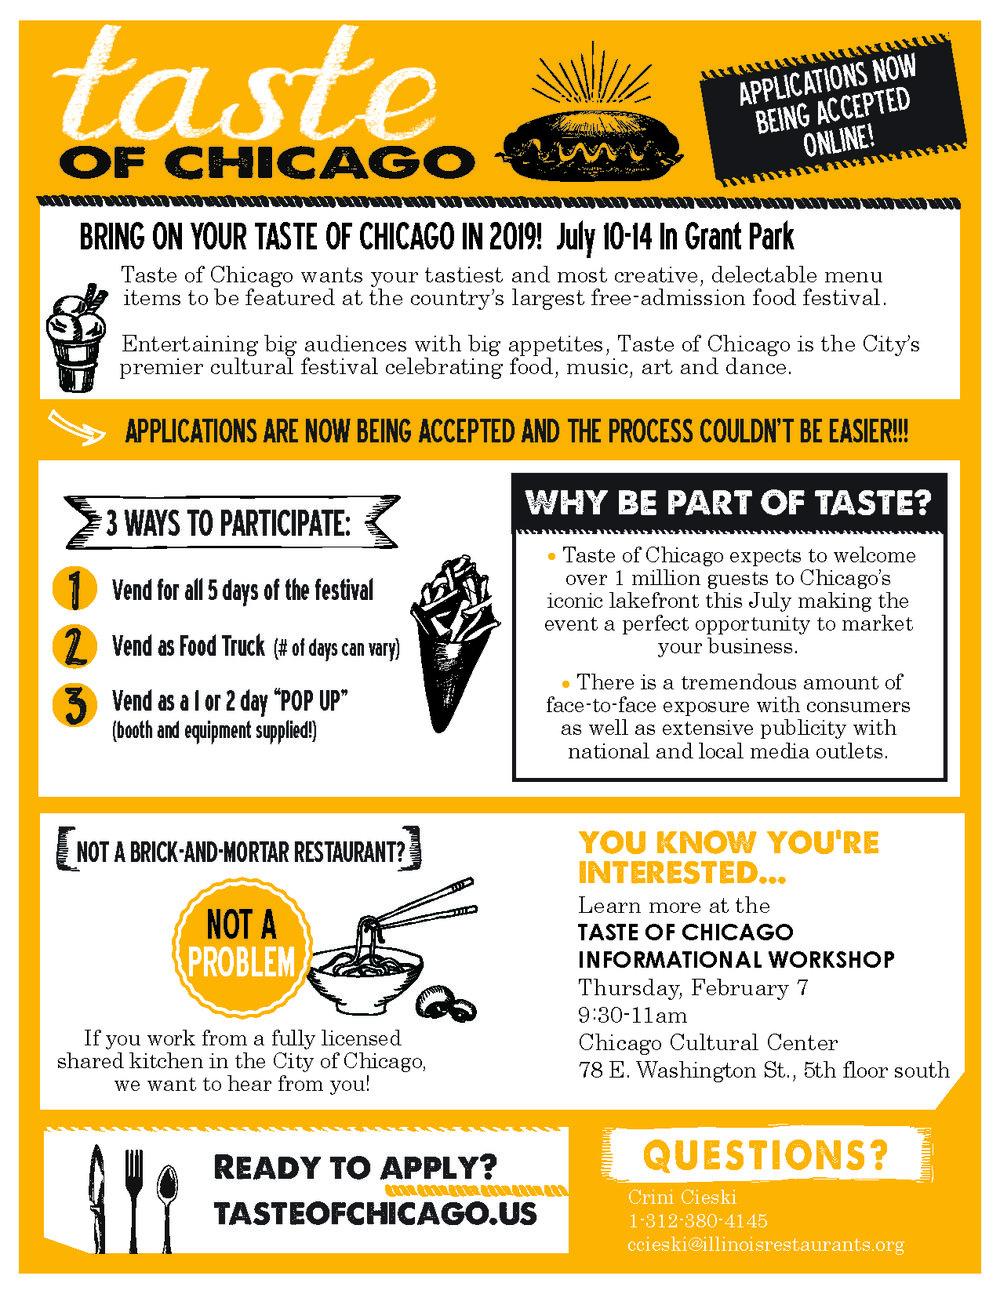 2019 Taste of Chicago - Be Part of Taste!.jpg